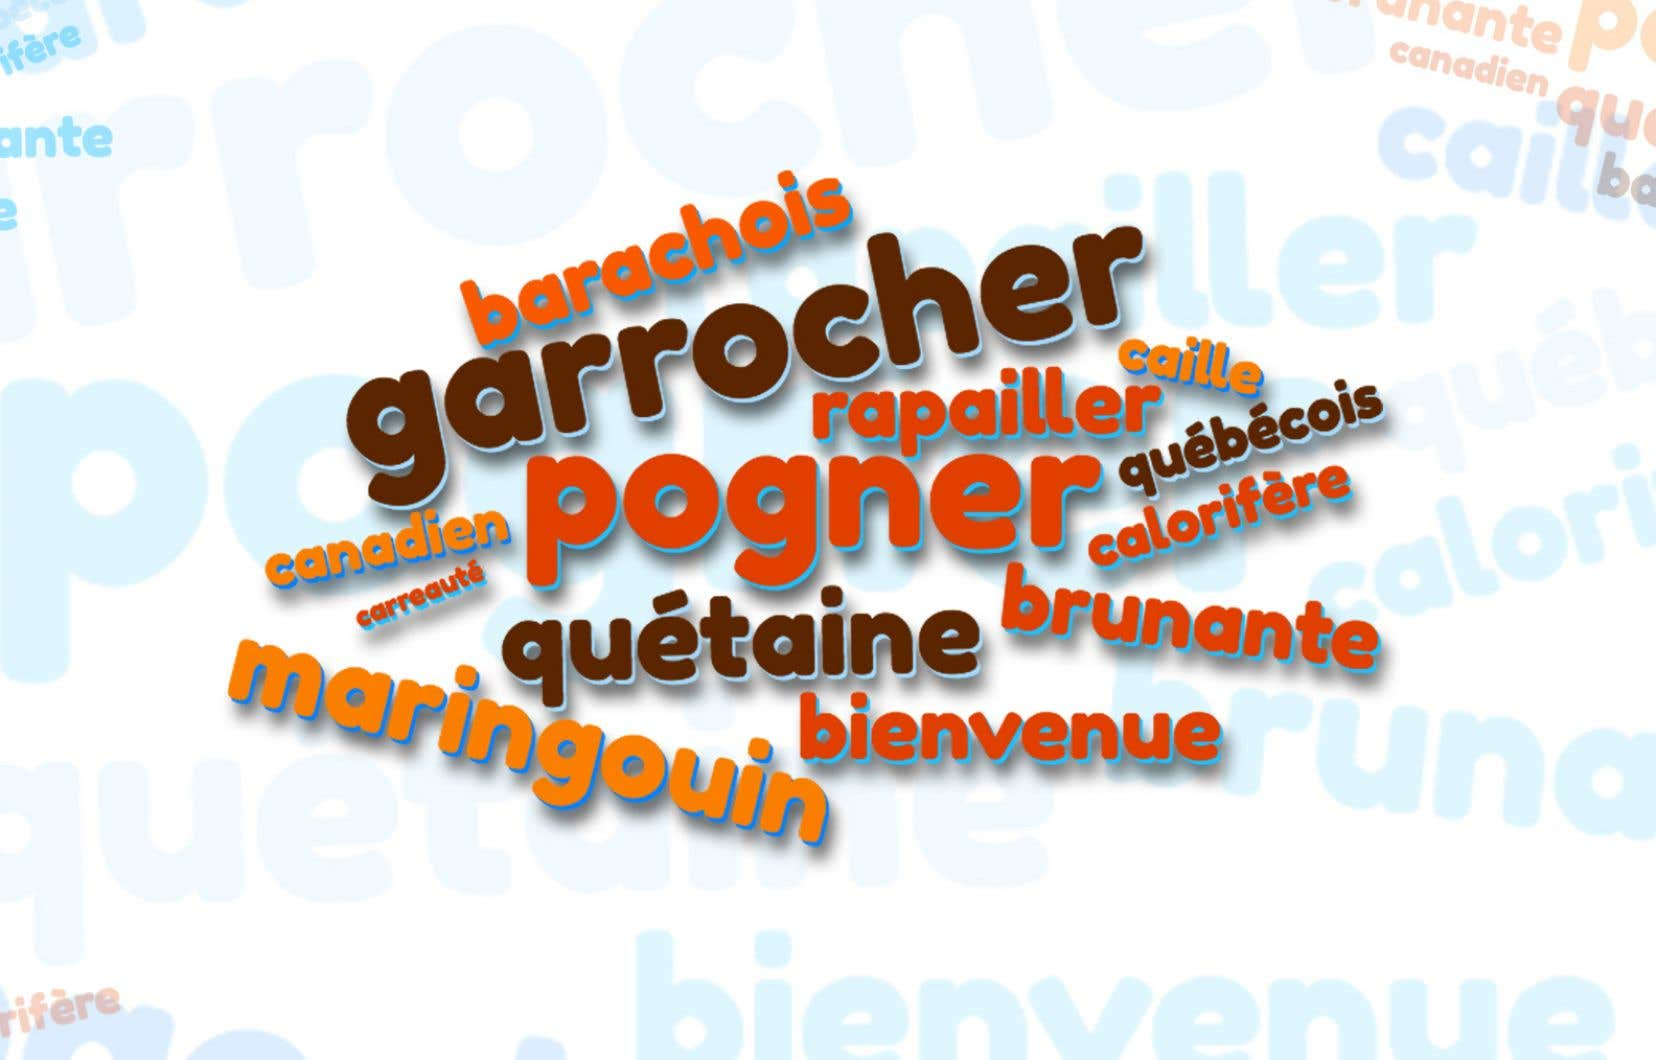 Le Trésor compte notamment 1,2 million de fiches documentant des centaines de mots de la langue française parlée en Amérique, principalement au Québec.